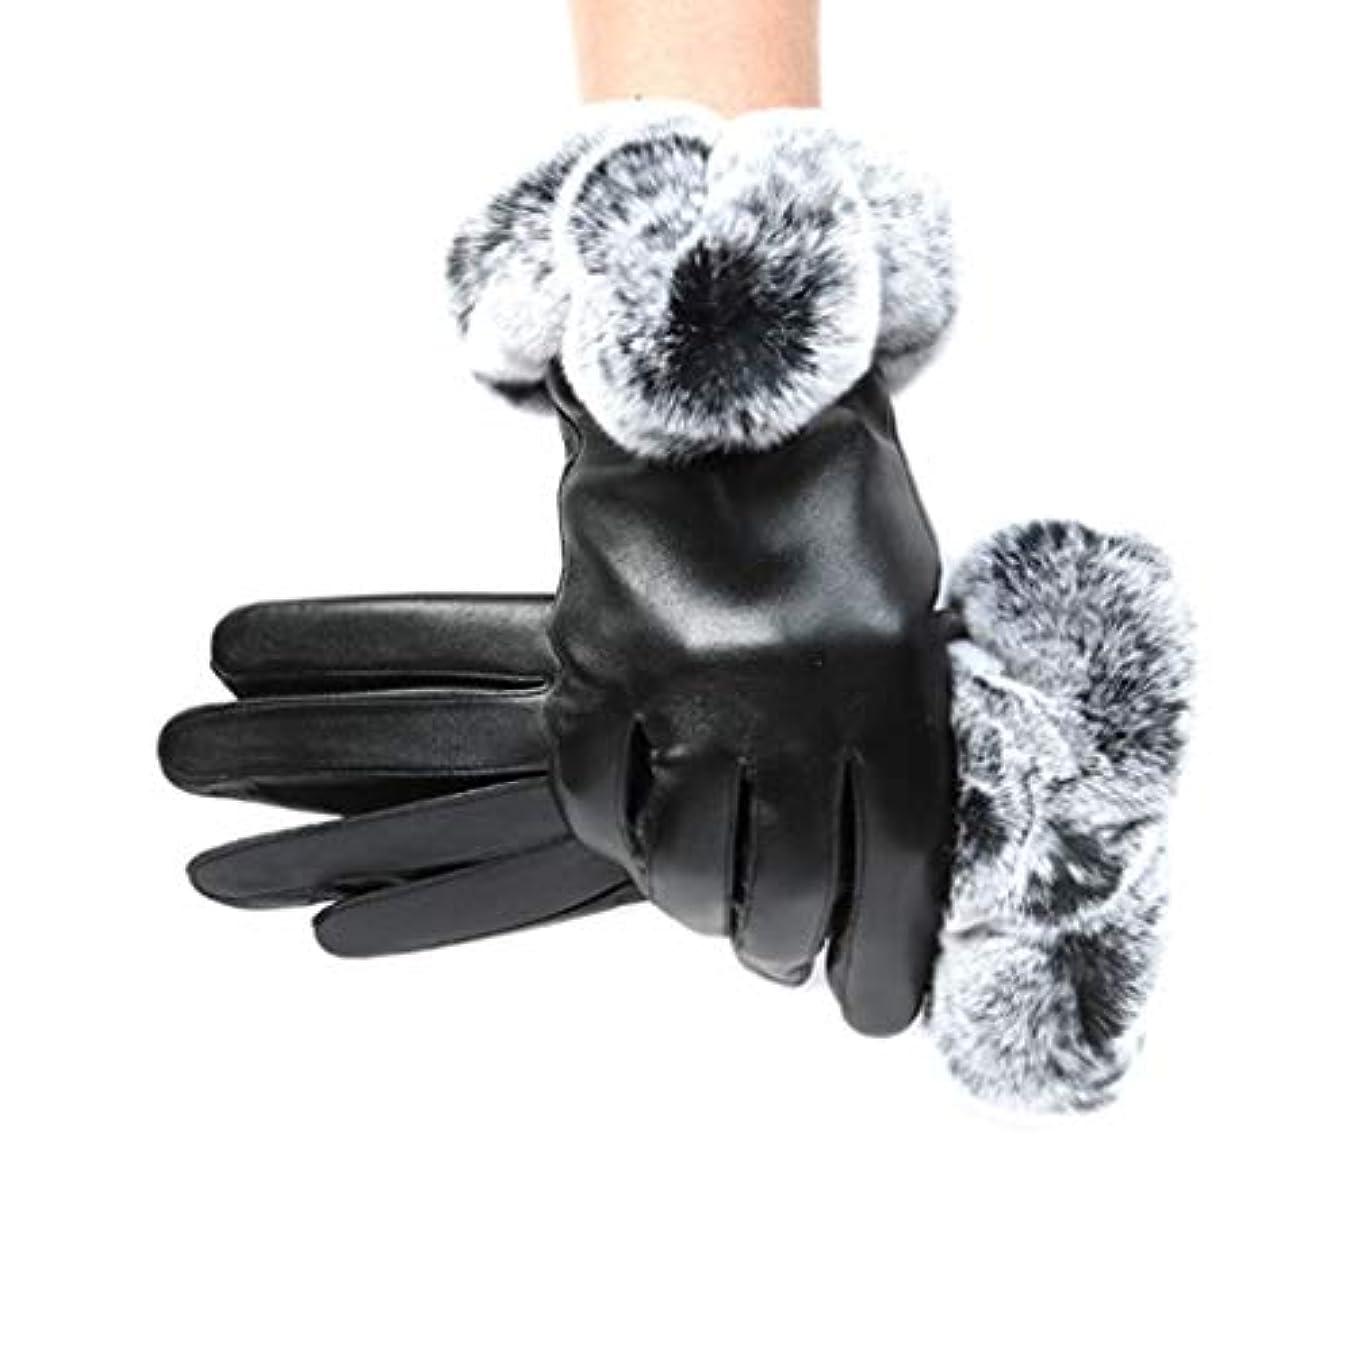 粒子説明伴うレザーグローブ冬の暖かい手袋レディースアウトドアライディンググローブ防風コールドプラスベルベットのタッチスクリーングローブ女性モデル